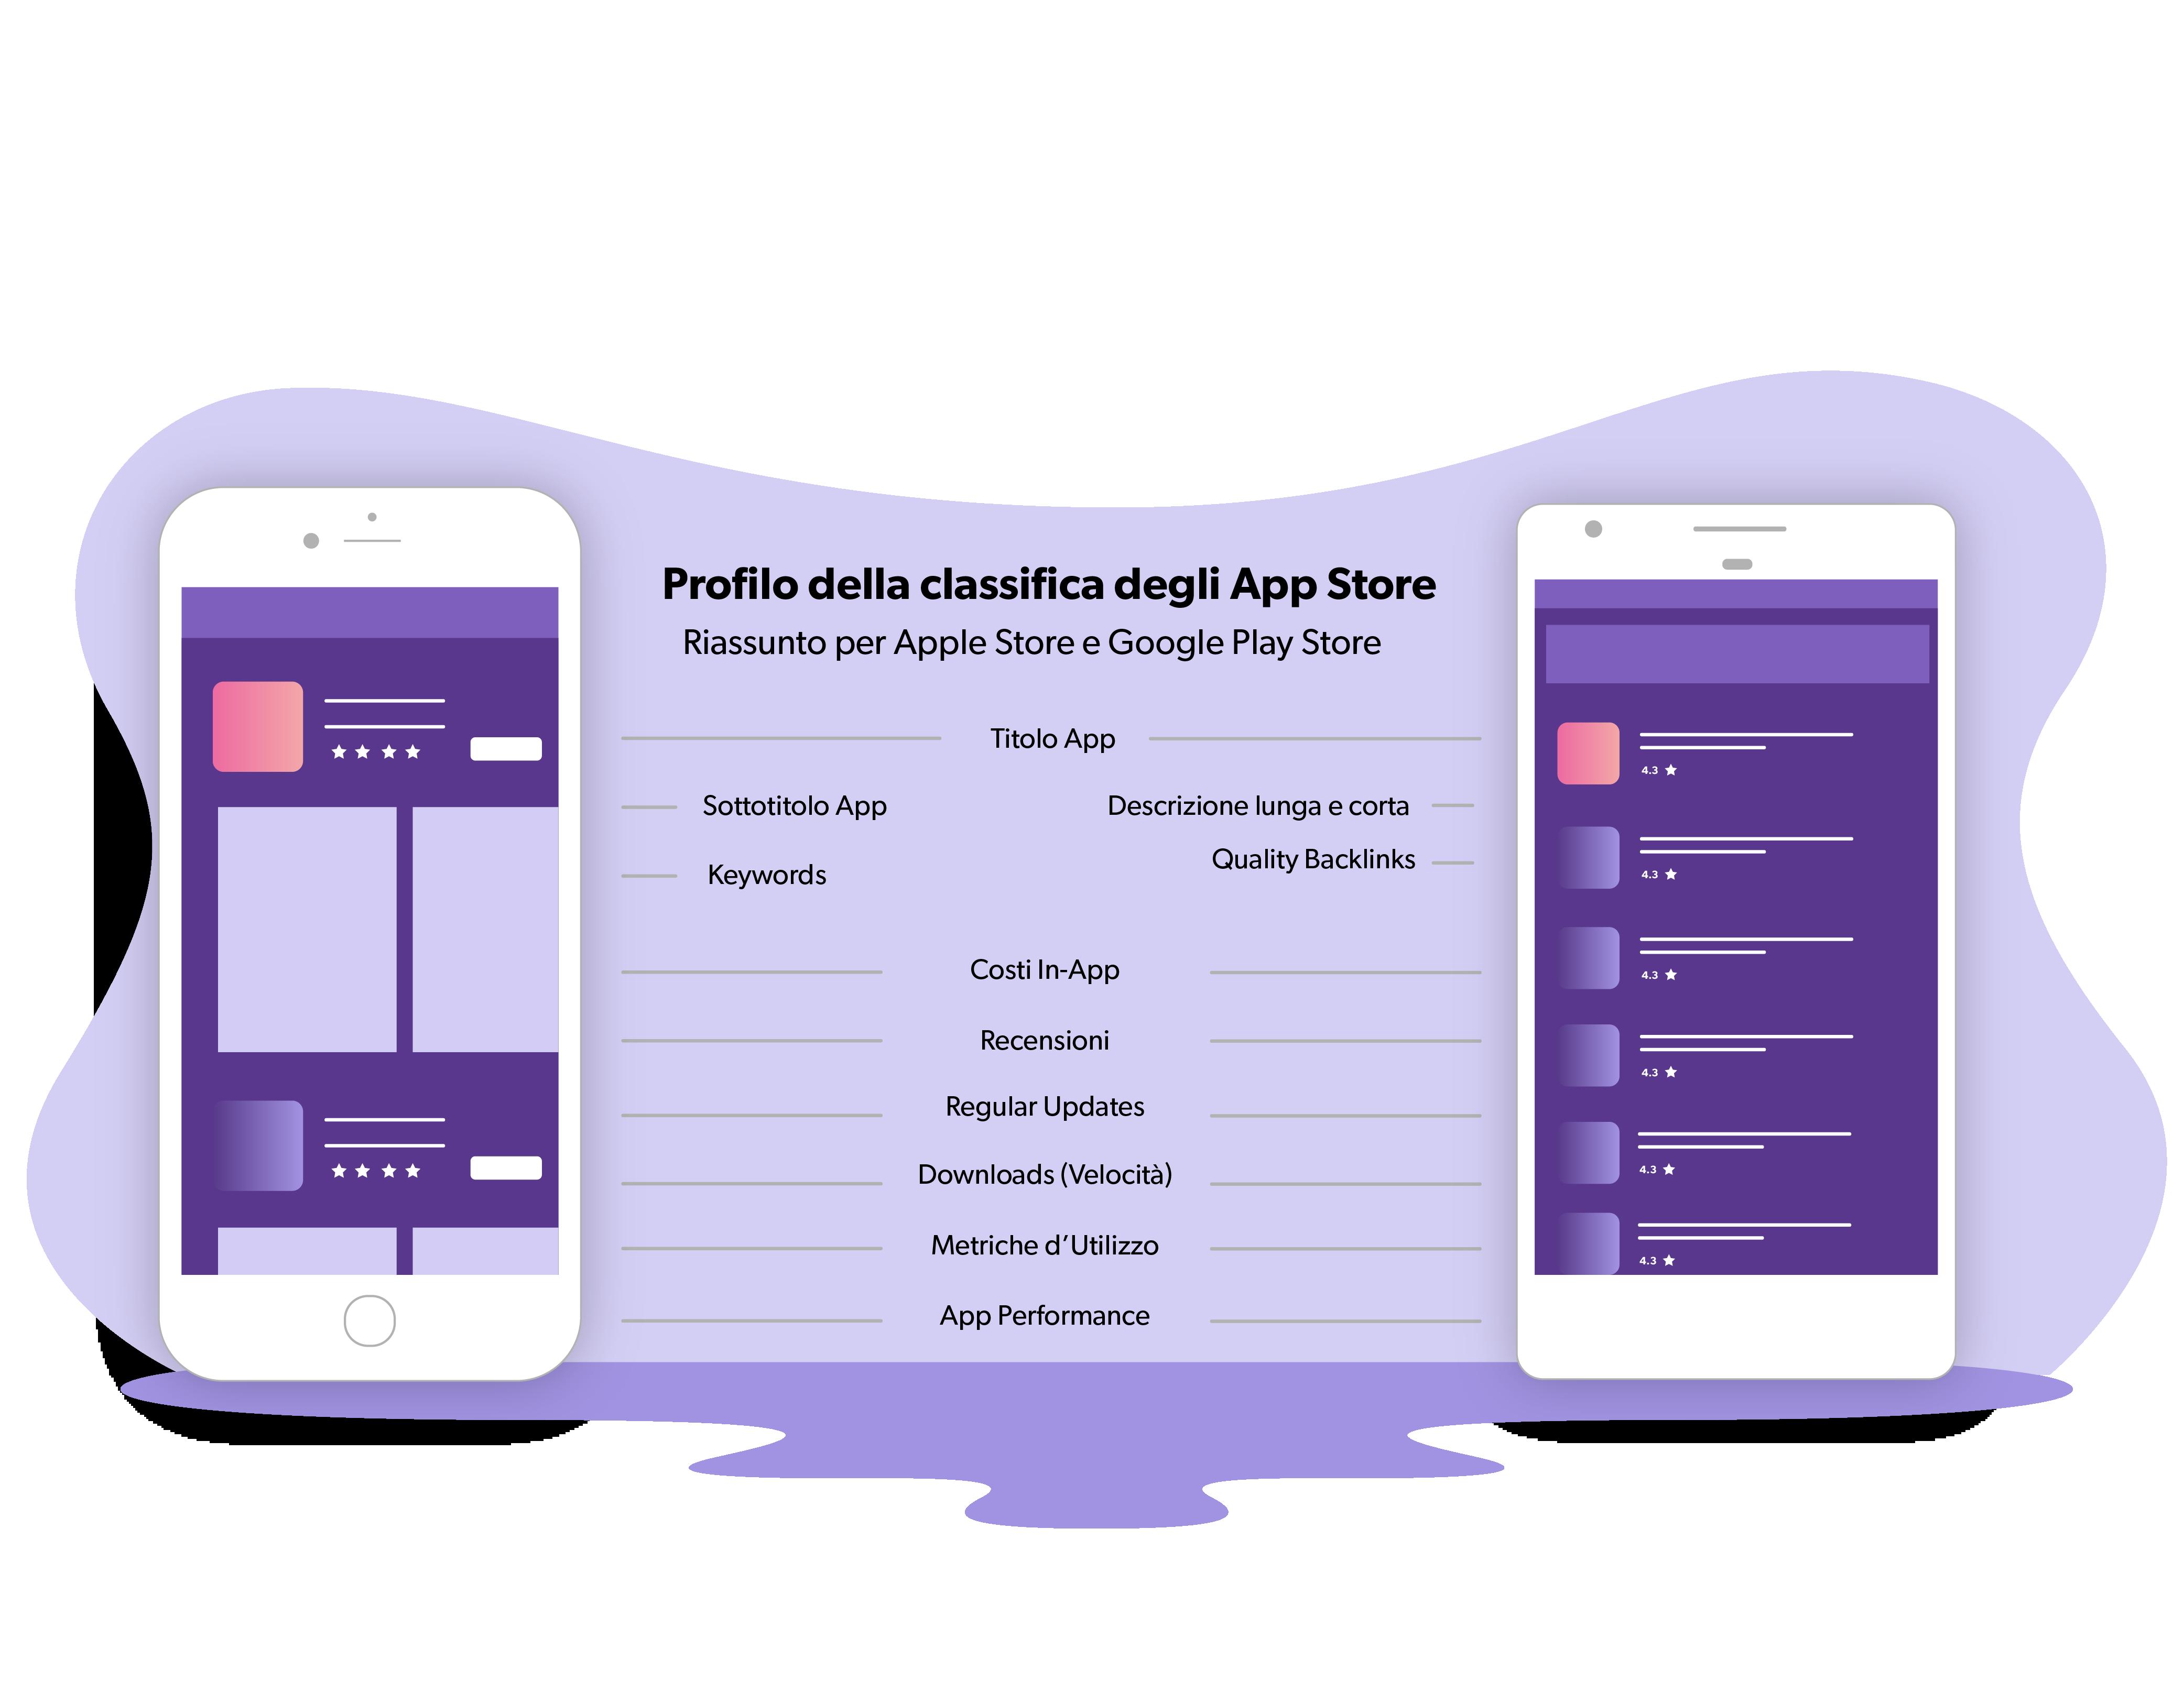 Fattori di ranking dell'App Store per App Store e Google Play